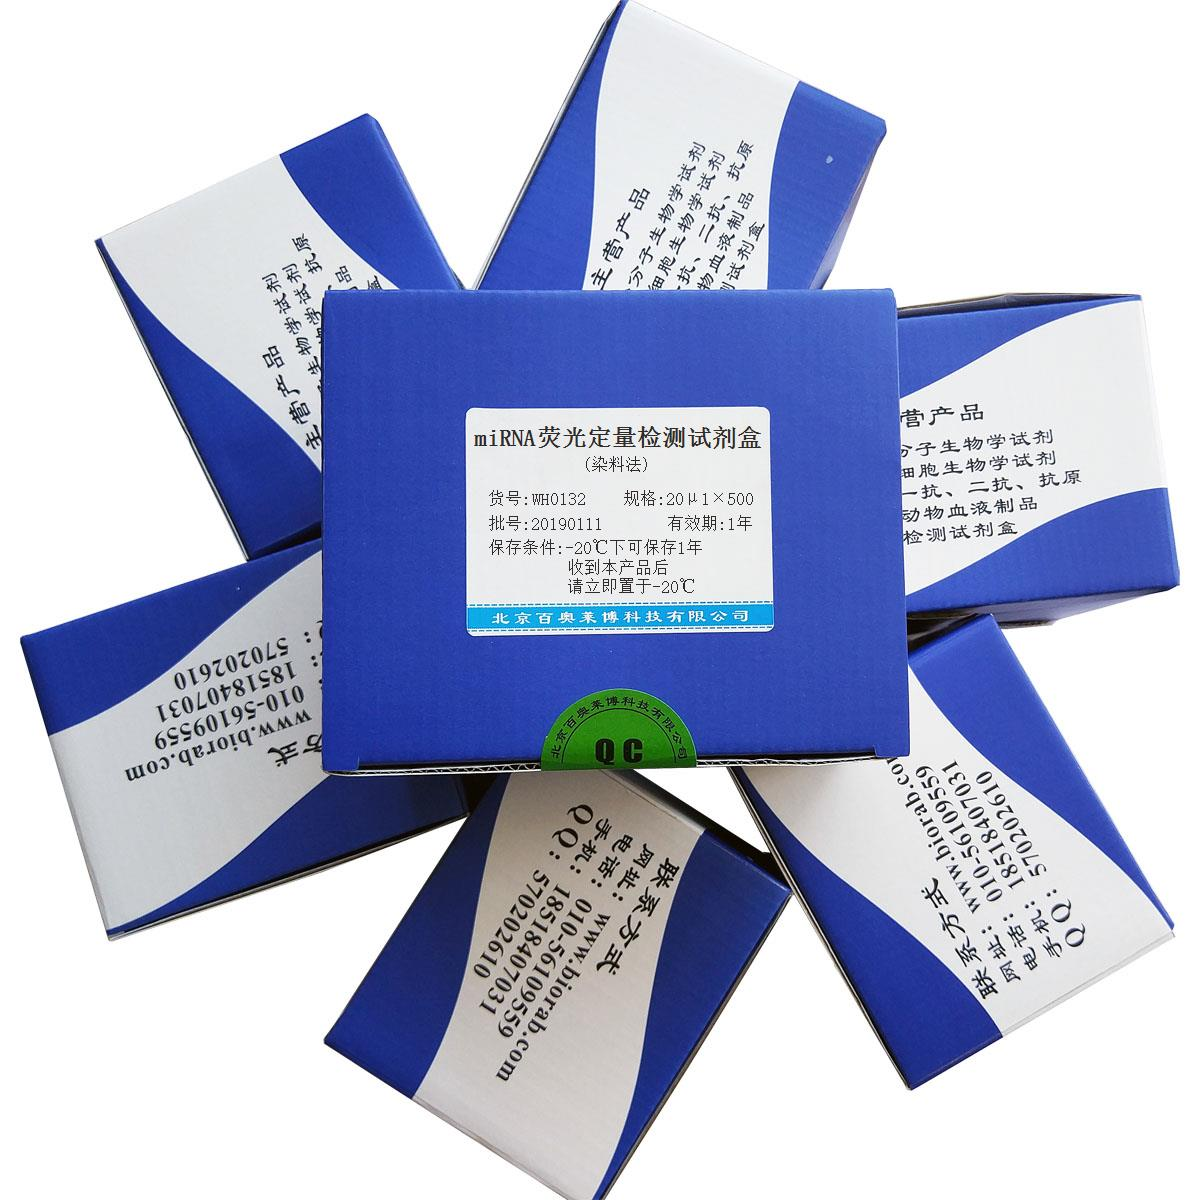 miRNA荧光定量检测试剂盒(染料法)